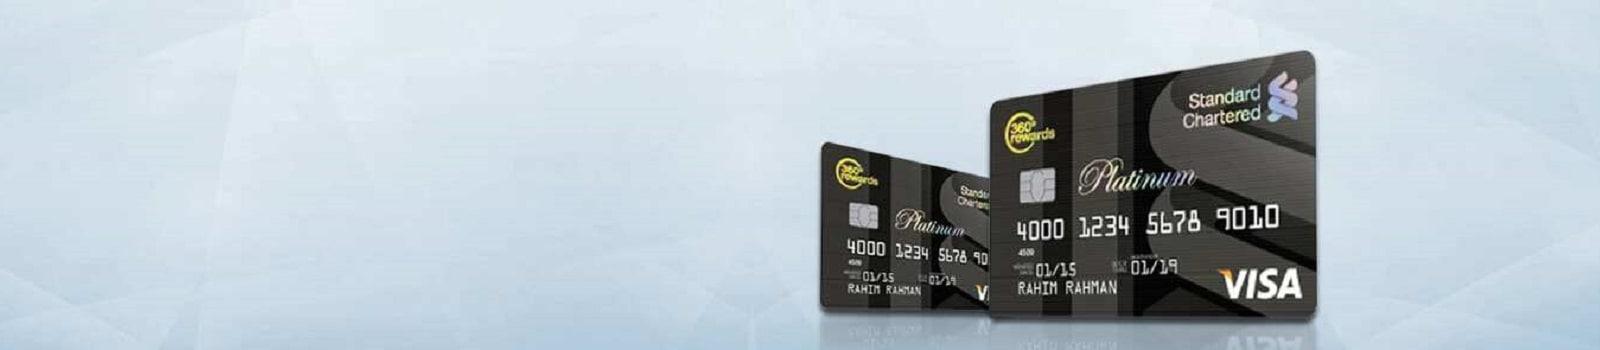 Visa Platinum Cards